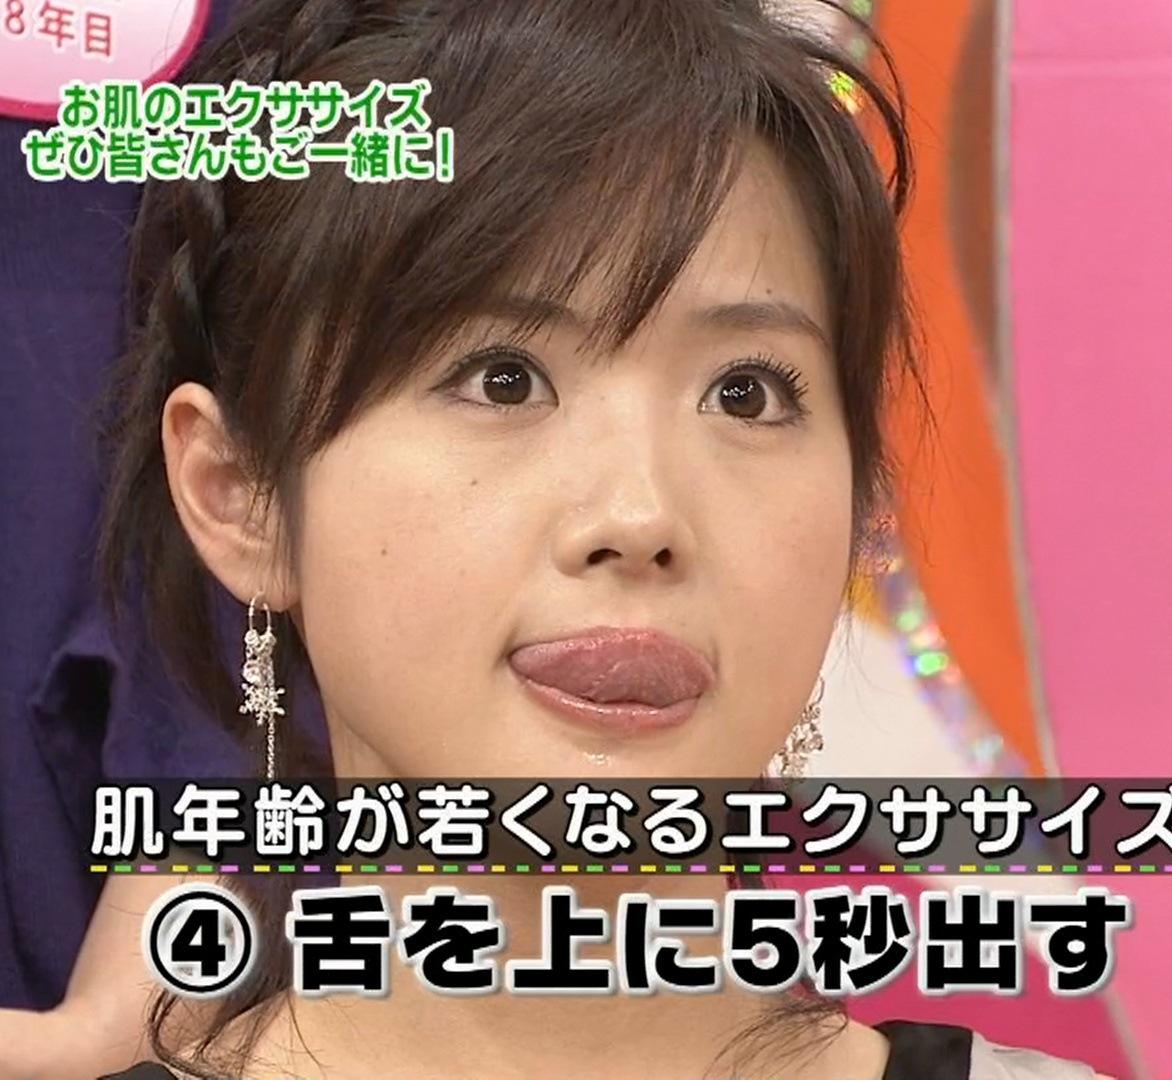 アイドルが思いっきり舌出しを貼るスレパート3 [無断転載禁止]©bbspink.comYouTube動画>7本 ->画像>135枚